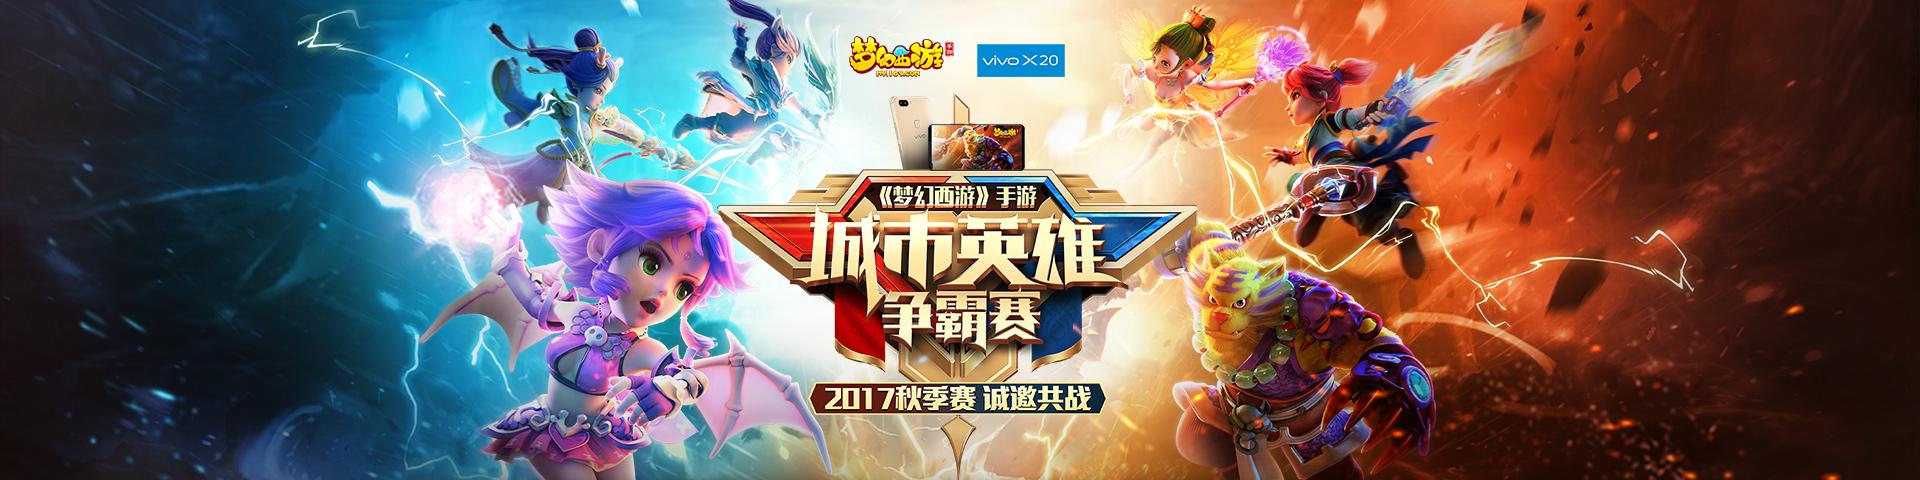 vivo X20《梦幻西游》手游城市英雄争霸赛决赛明日开战